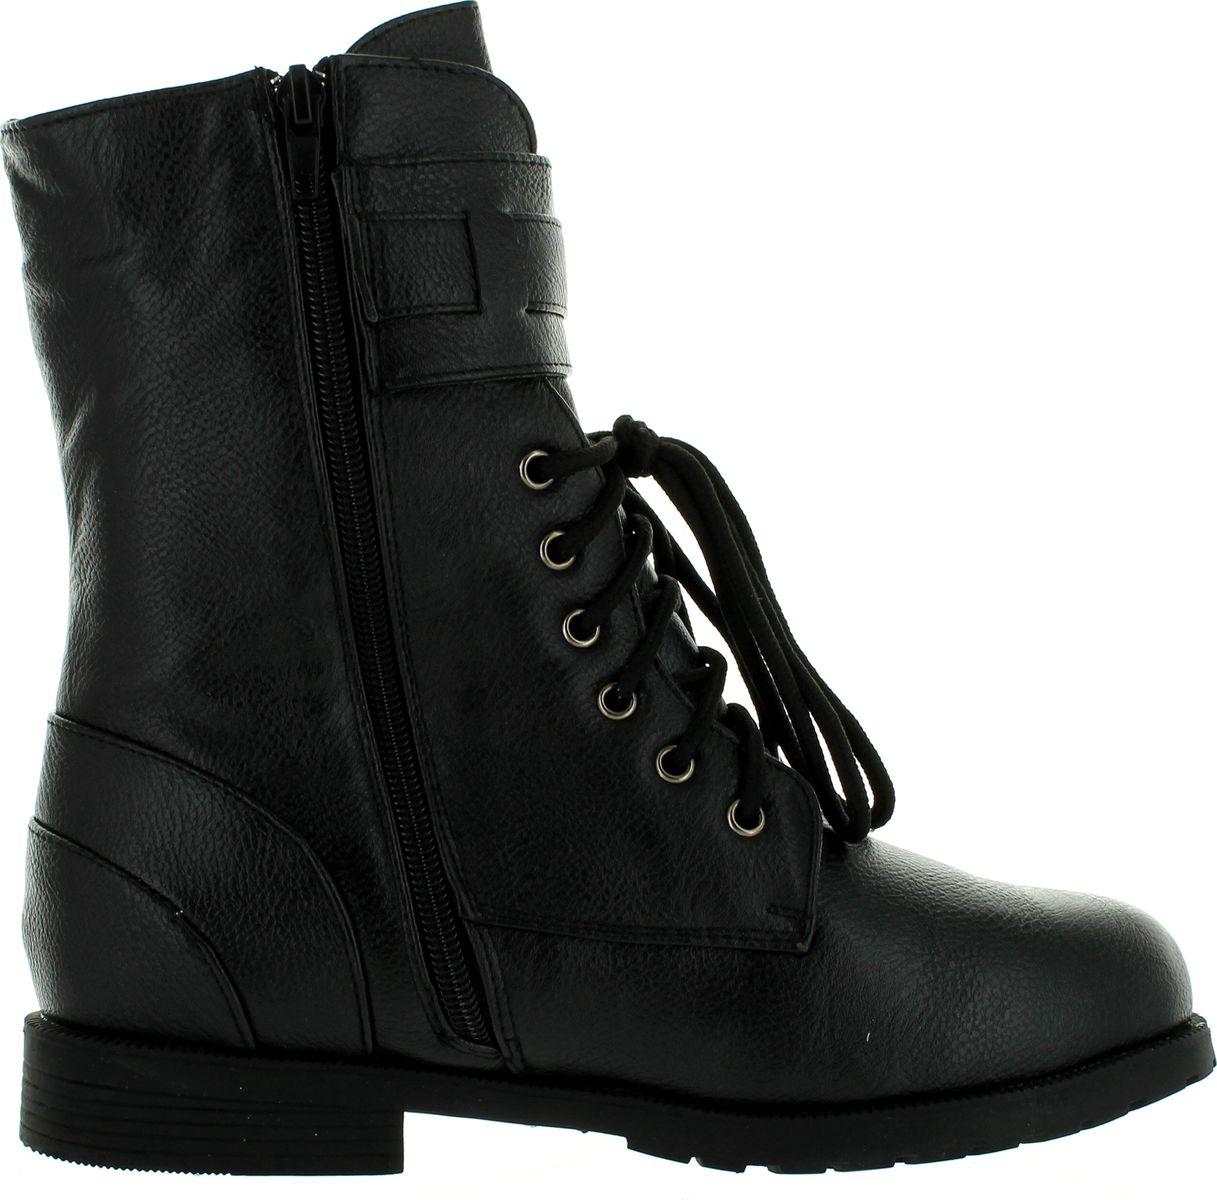 Botas de mujer para trabajo - Zapatos de trabajo ...